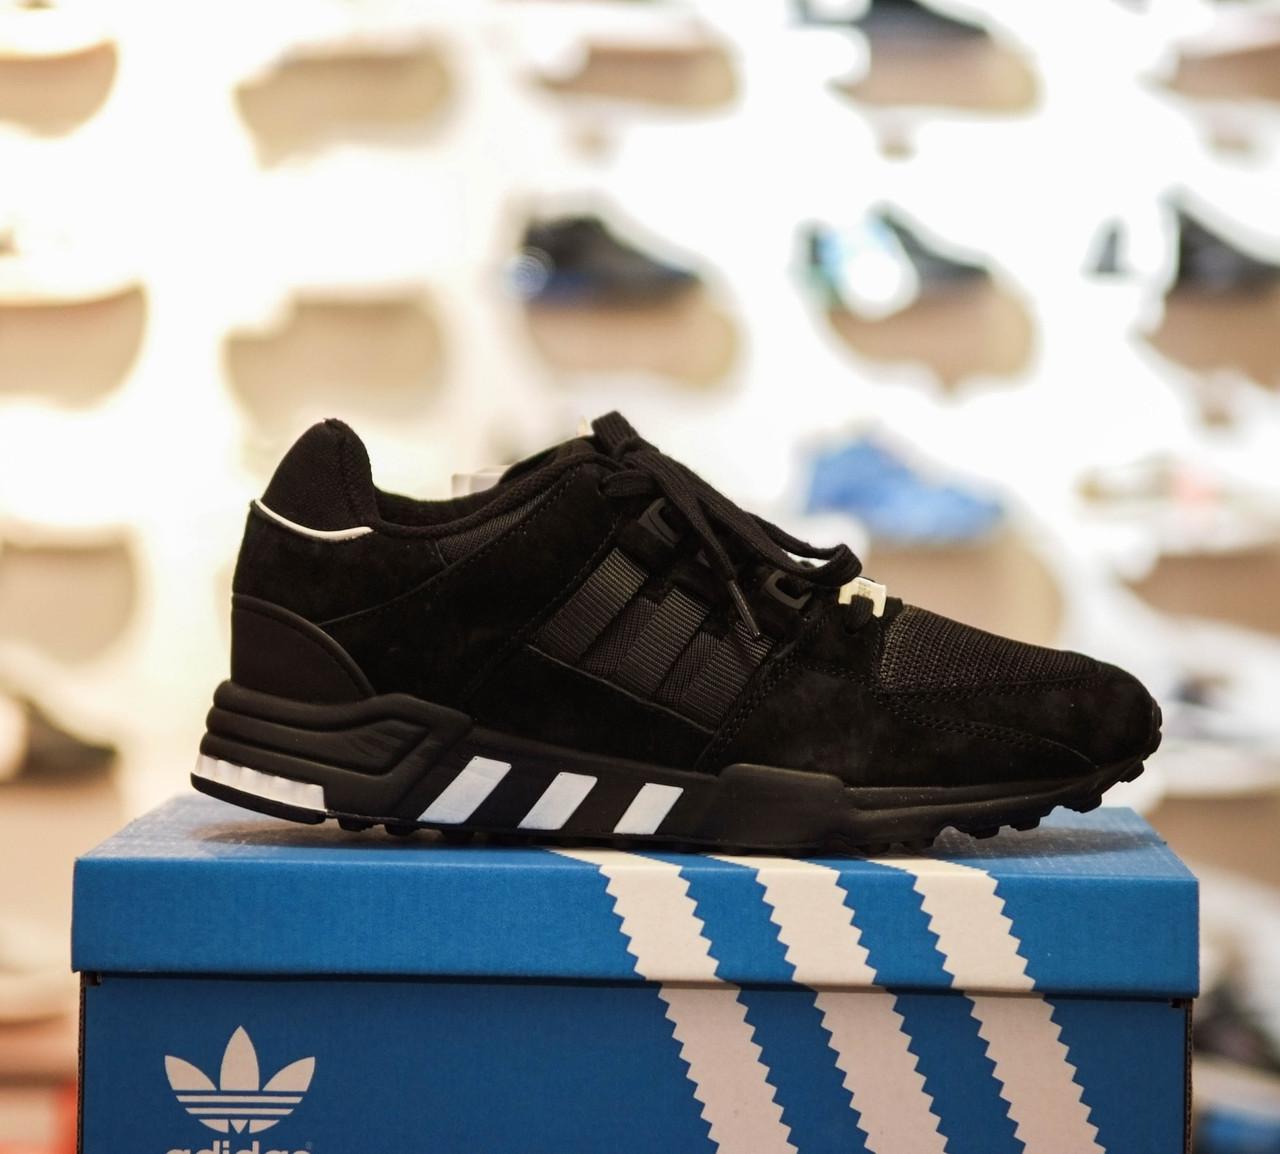 857c5894 Кроссовки в стиле Adidas Equipment Support ADV Core Black Utility мужские